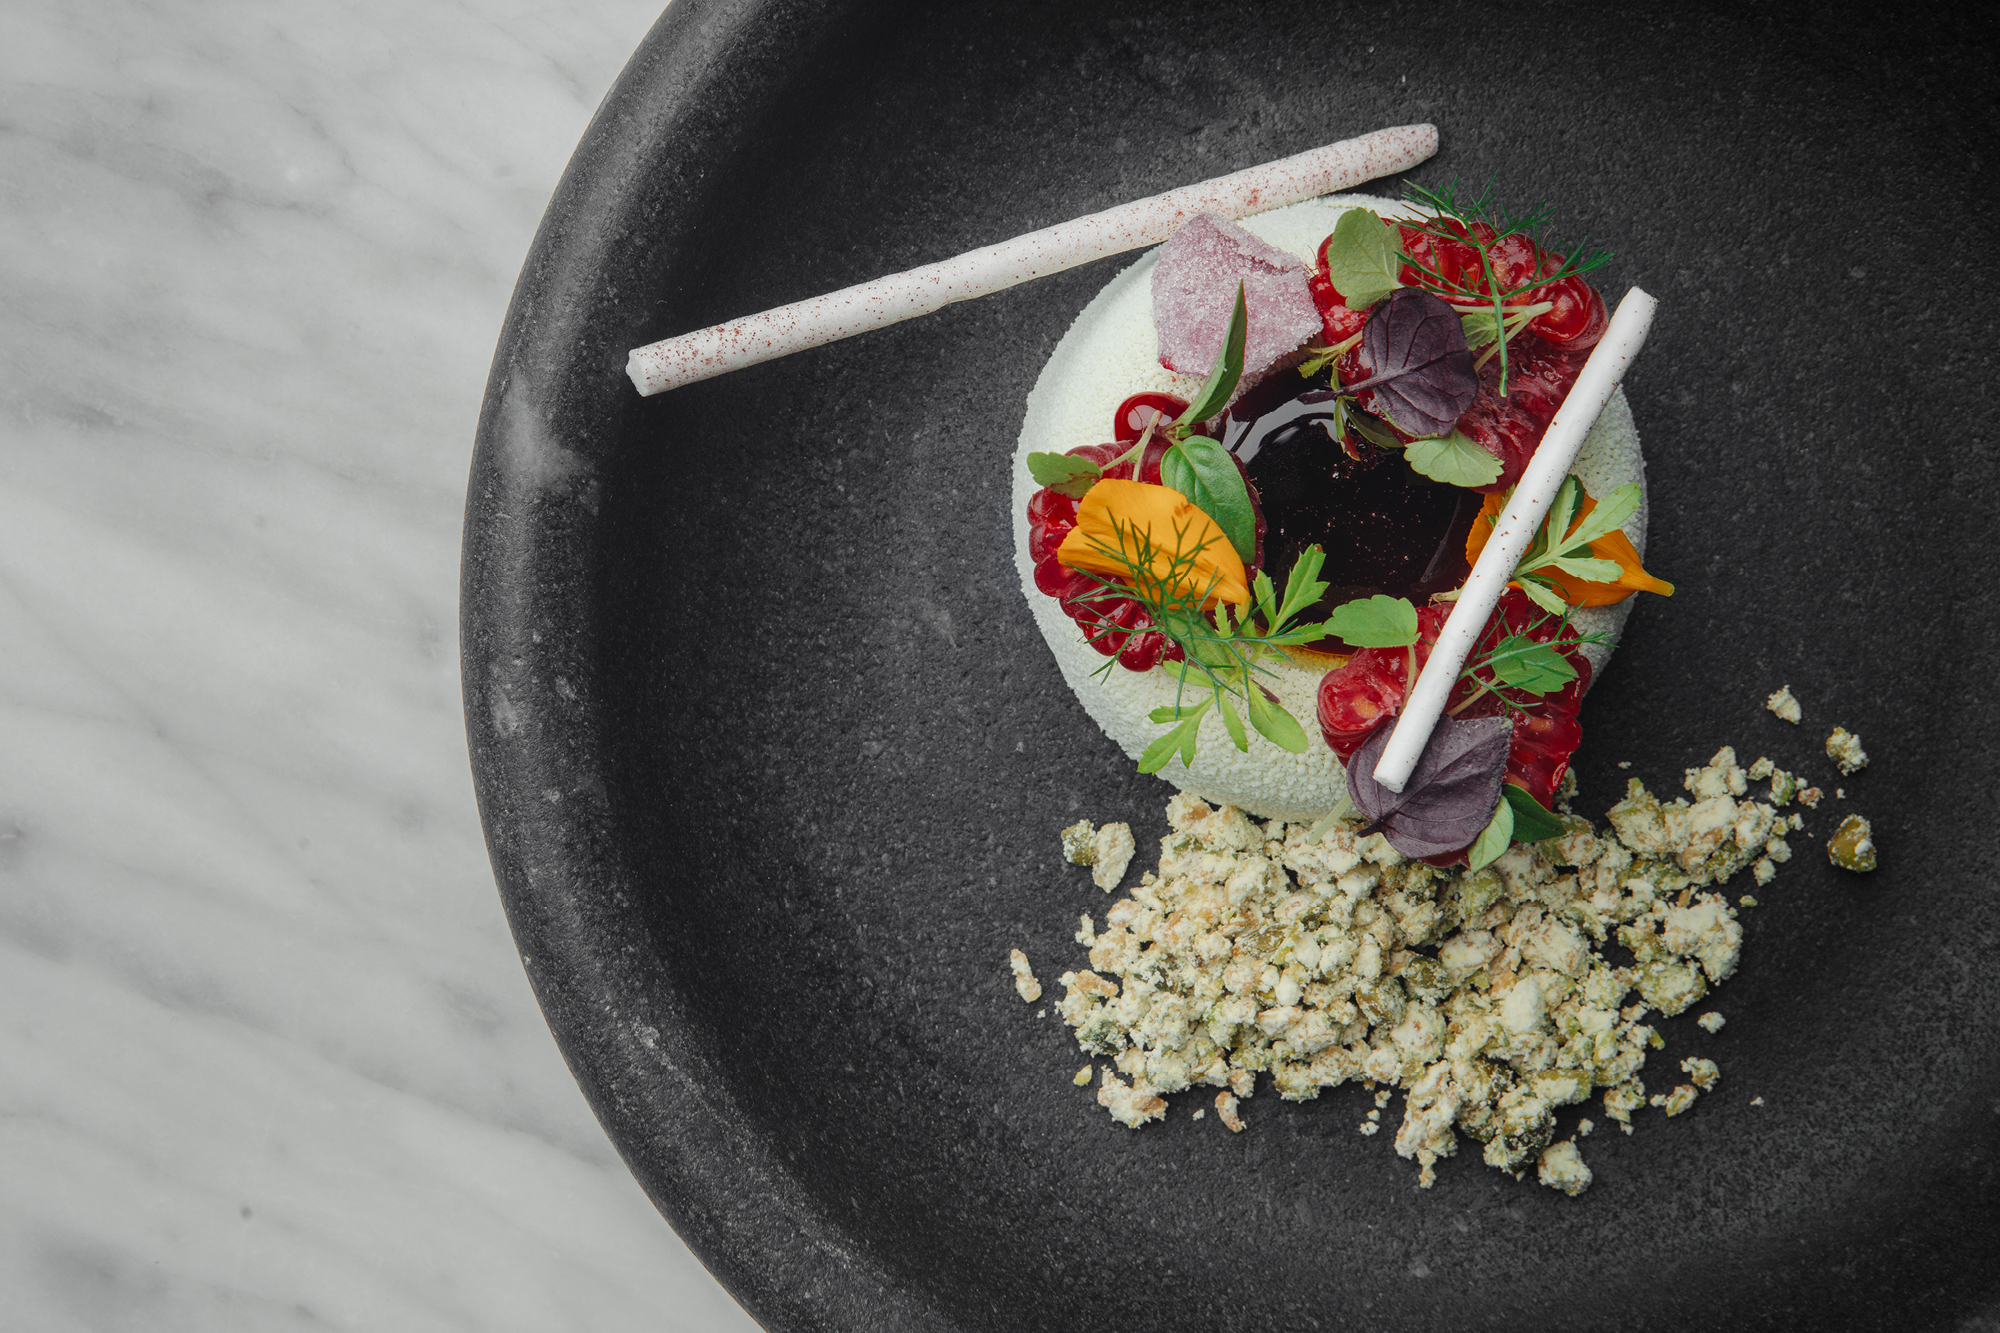 Sorrel ice cream, raspberries, pistachio at Da Terra